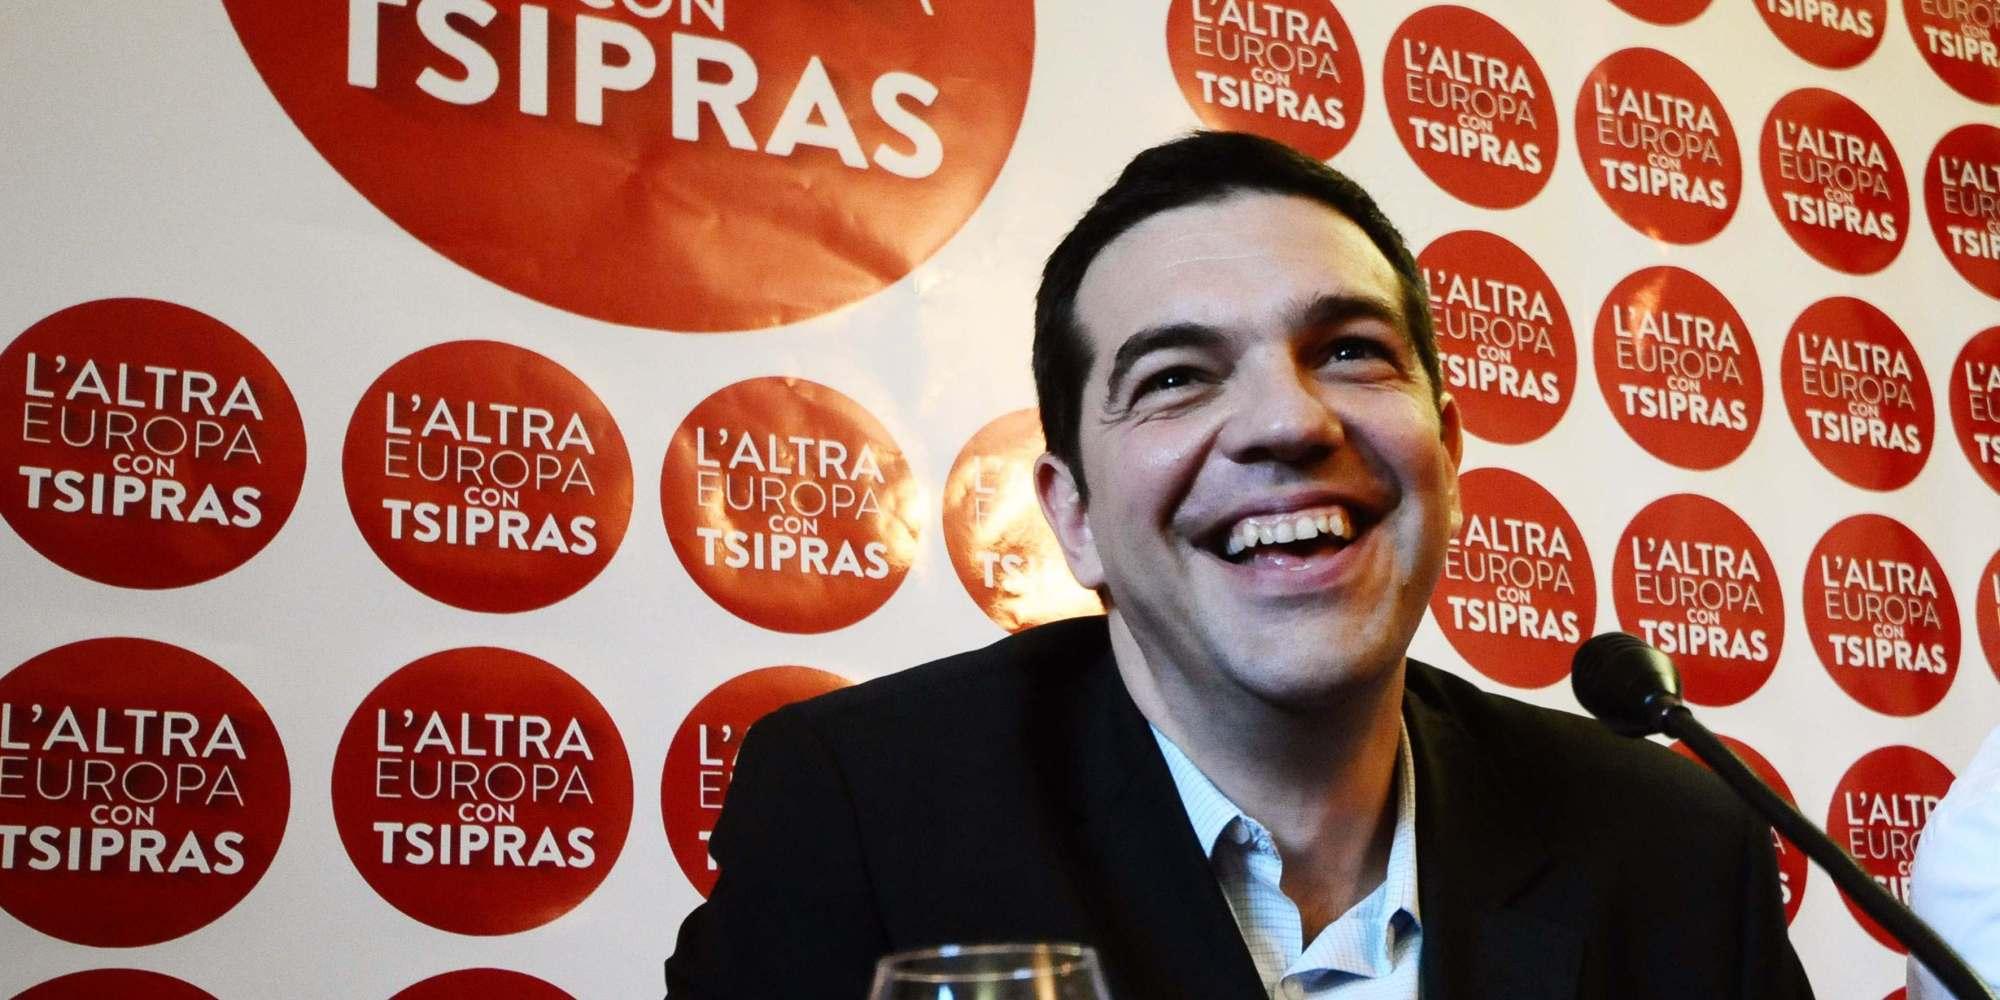 programma altra europa con tsipras alexis tsipras